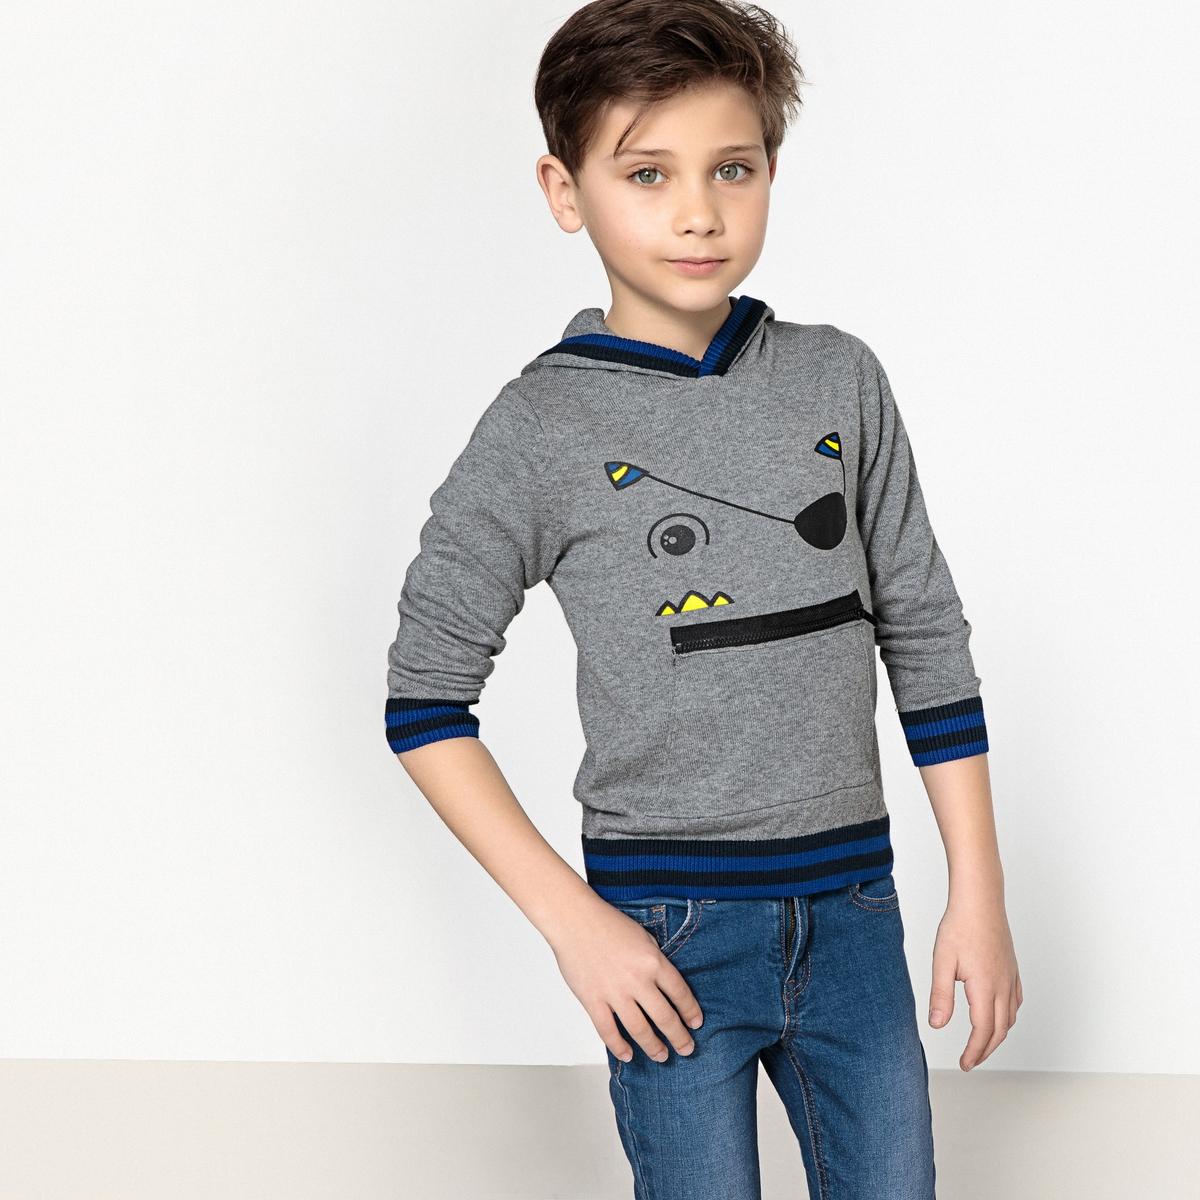 Пуловер с капюшоном, 3-12 лет